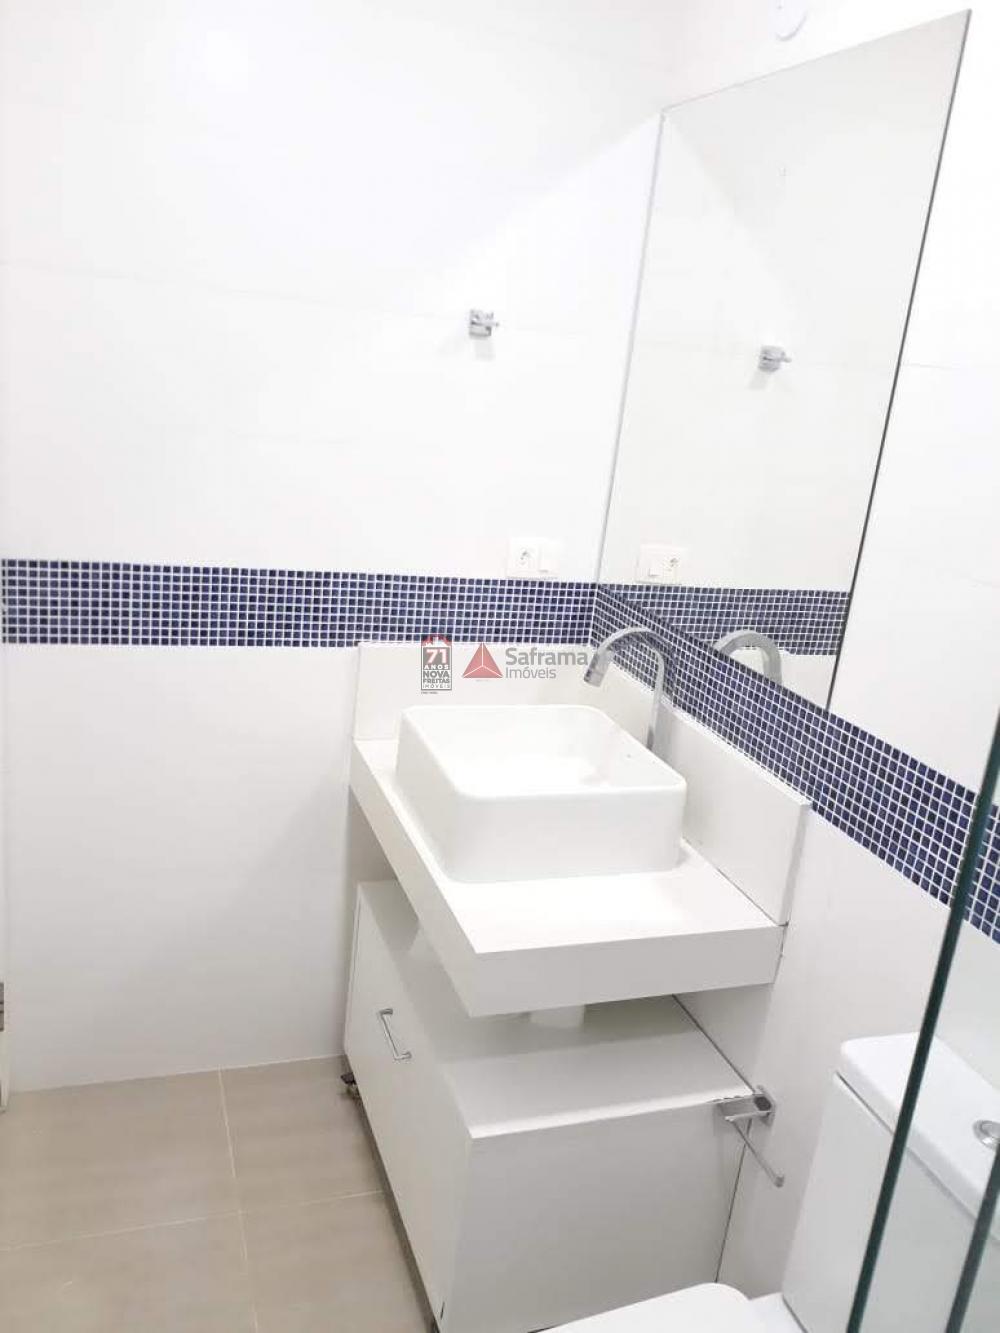 Comprar Apartamento / Padrão em Caraguatatuba apenas R$ 450.000,00 - Foto 8